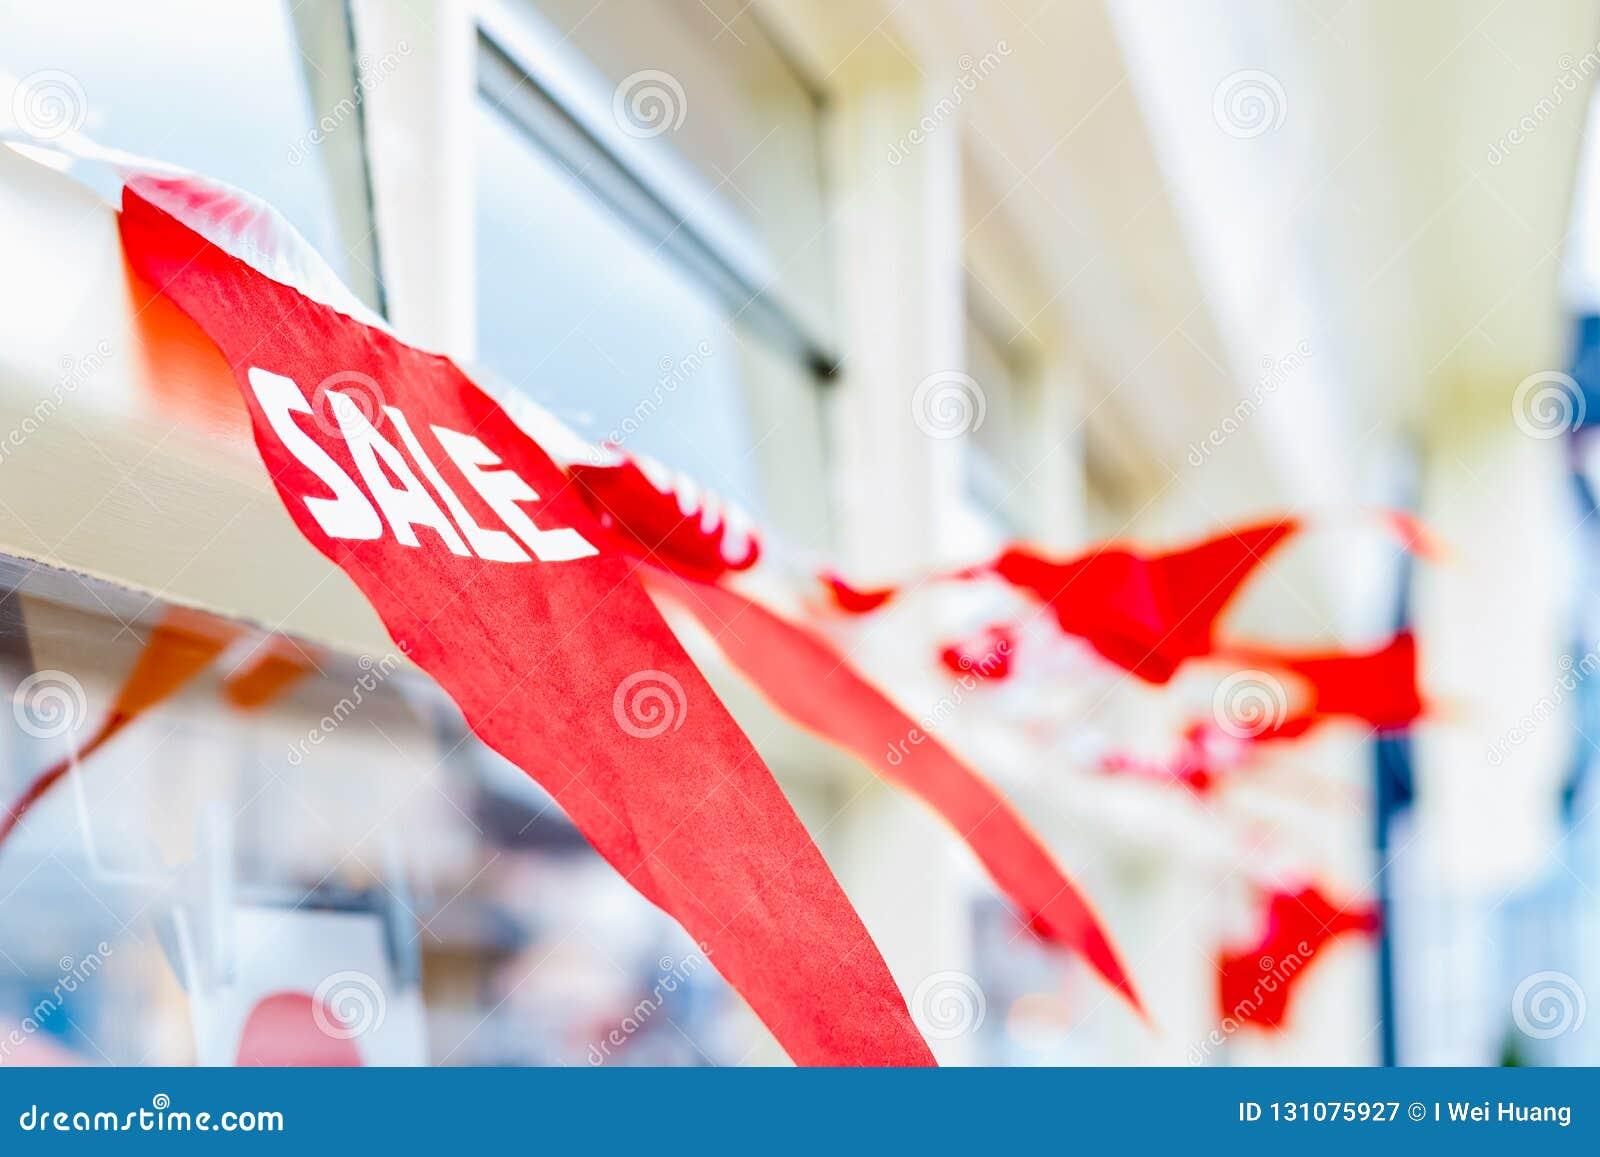 Selektiver Fokus, Verkaufsflagge außerhalb eines Geschäftes